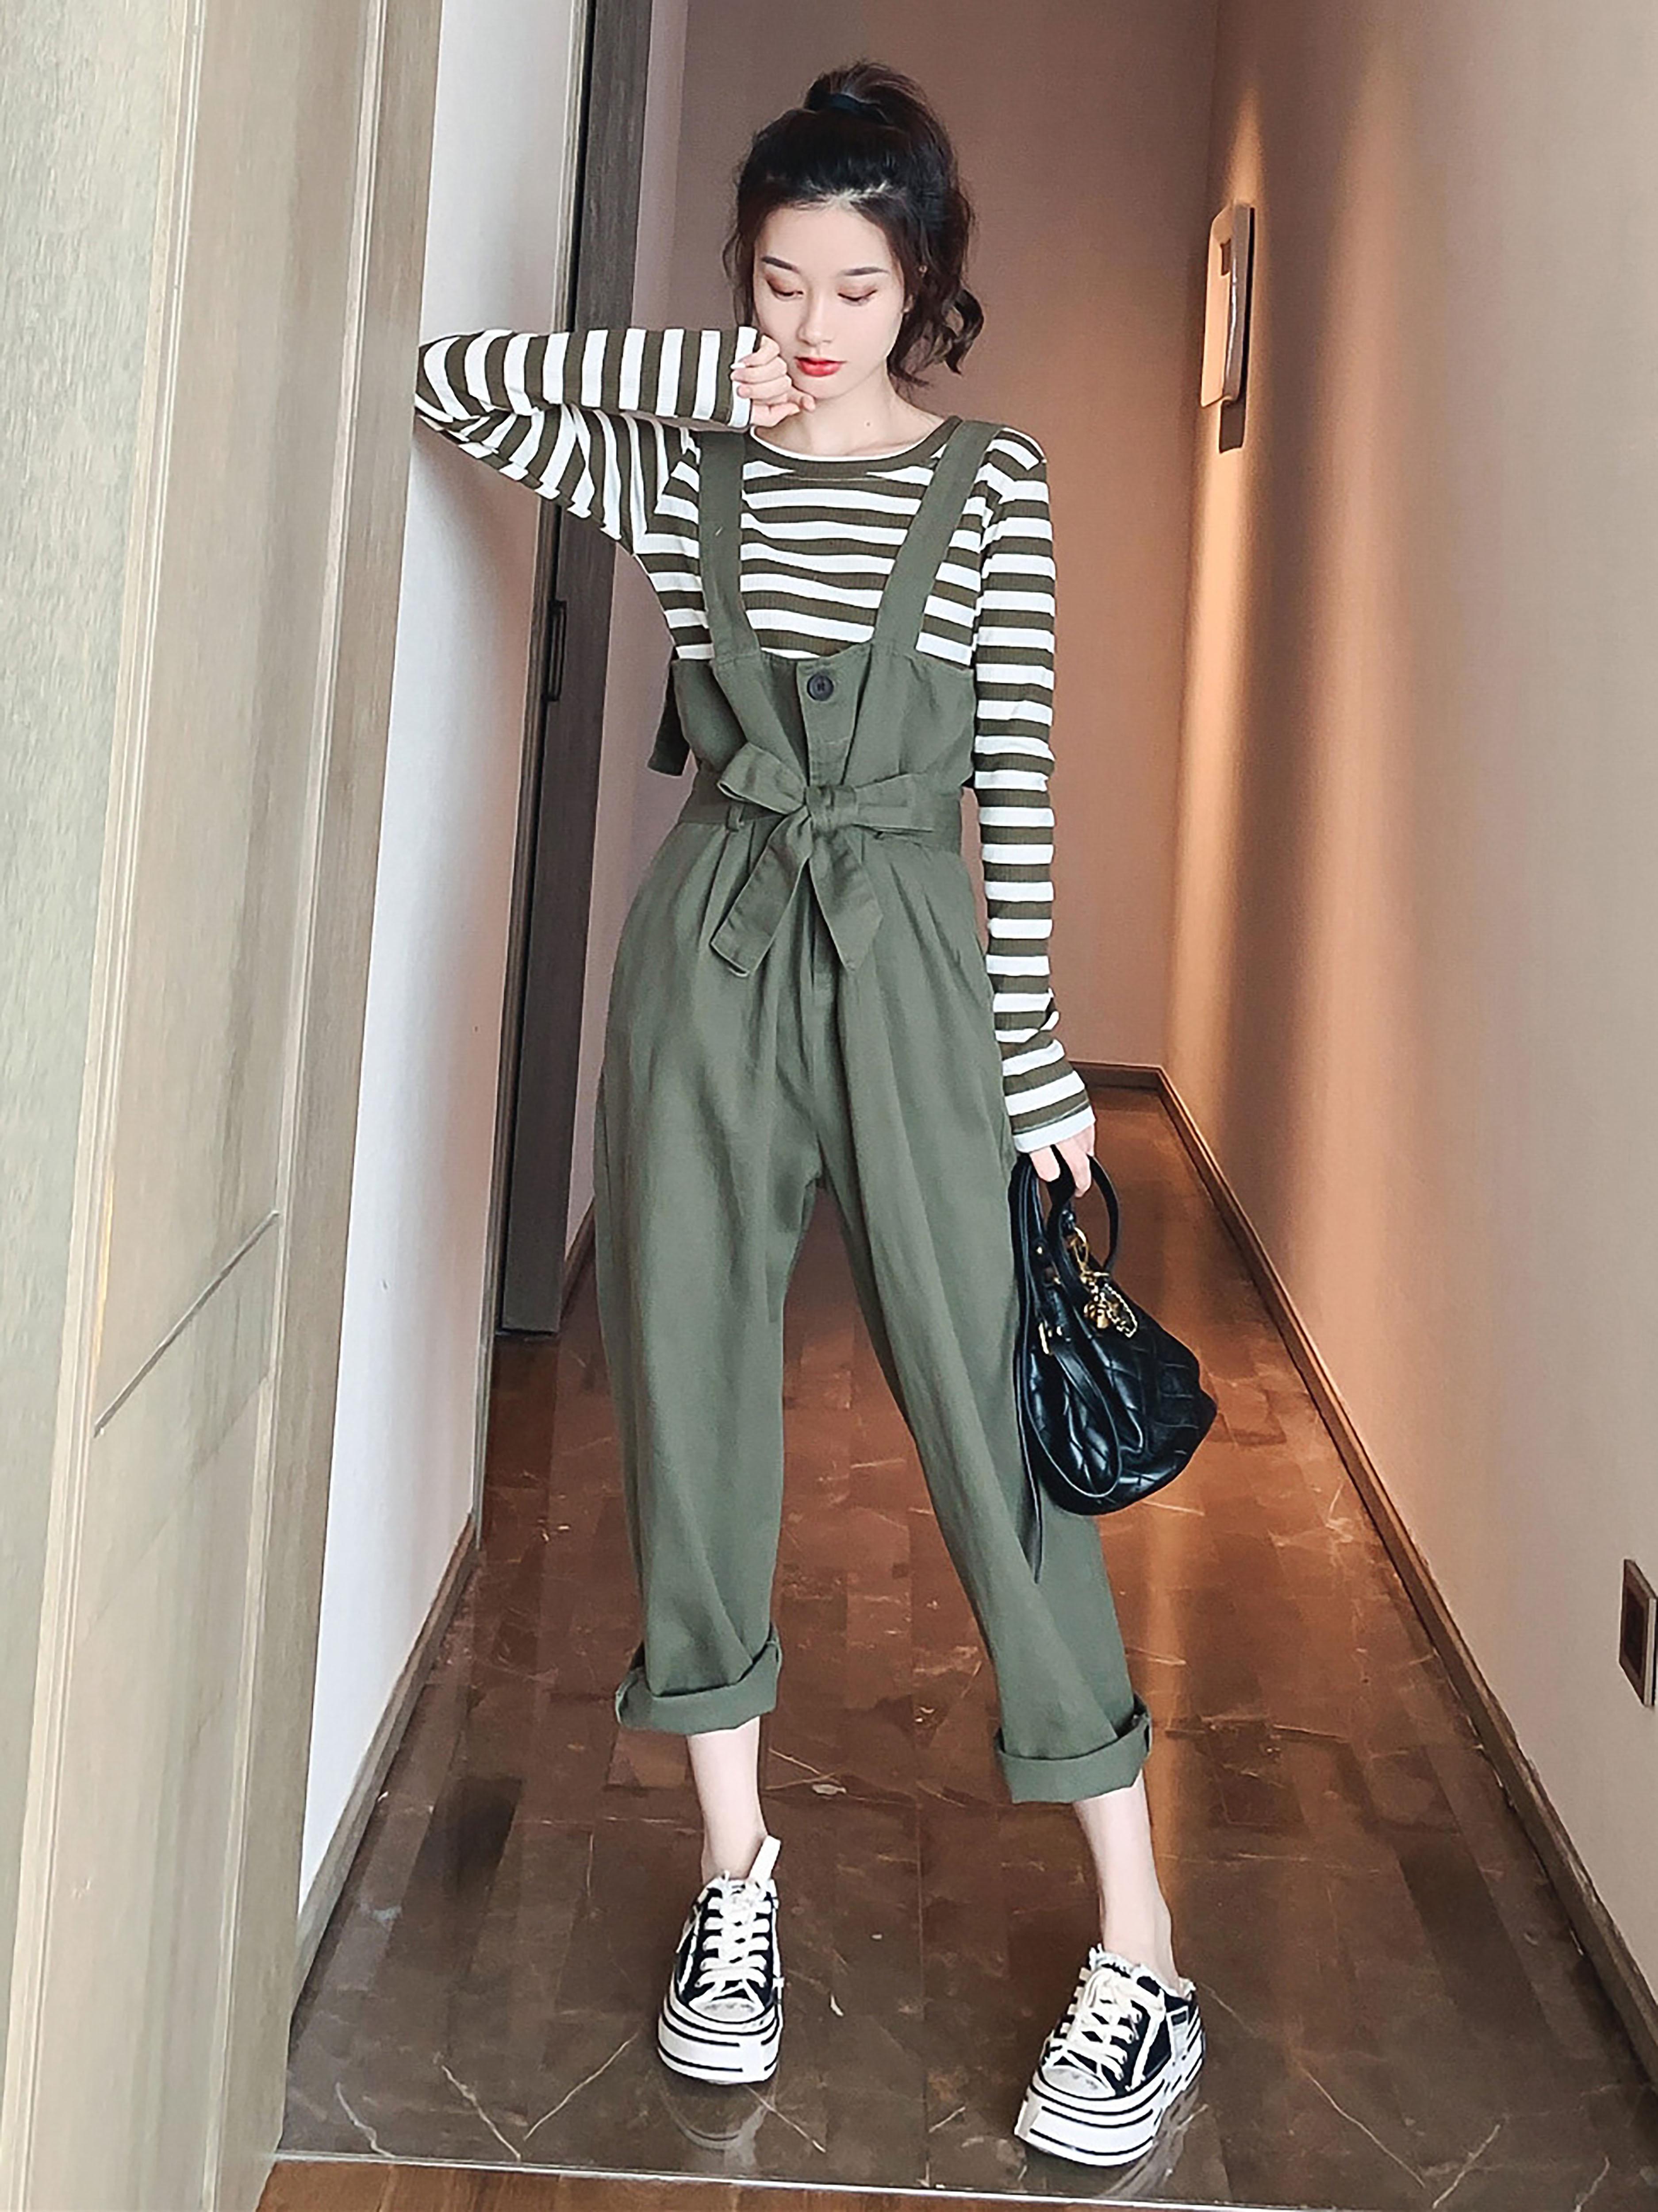 秋季韩版新款收腰显瘦背带裤女休闲裤子配条纹上衣时尚套装两件套